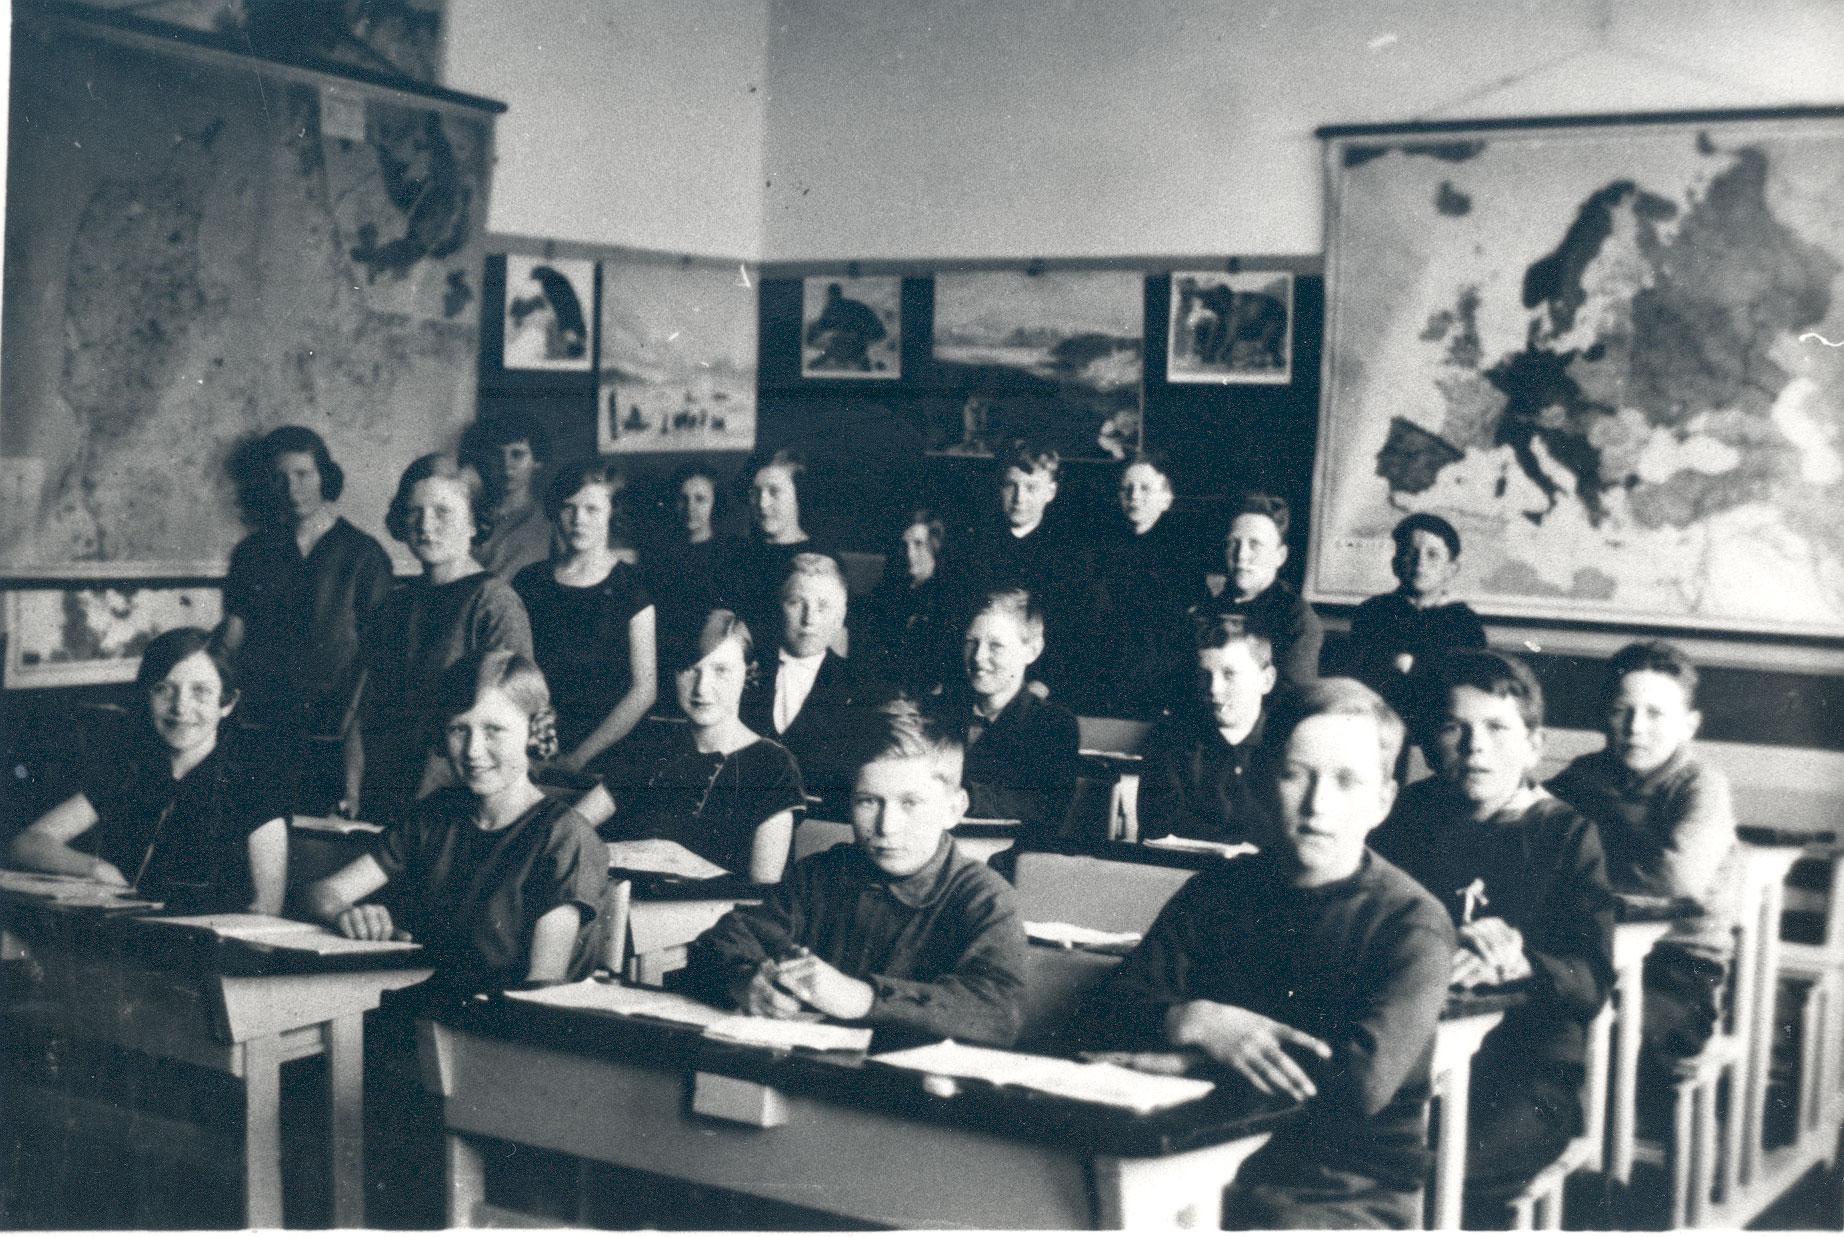 Sådan så der ud i et klasseværelse i Hundige Gl. Skole engang i 1930'erne.